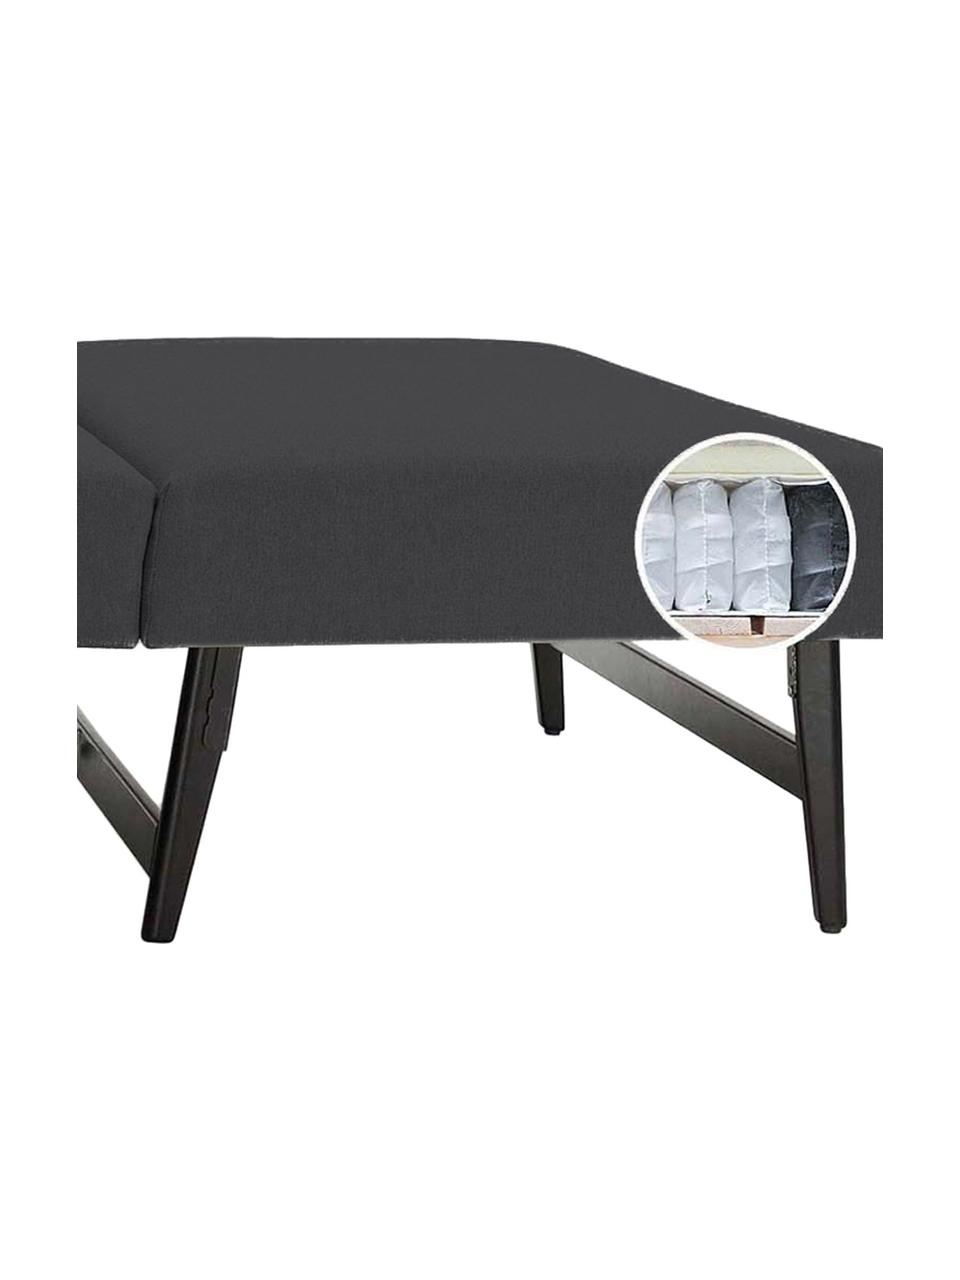 Schlafsofa Bruno (3-Sitzer) in Anthrazit, ausklappbar, Bezug: Pflegeleichtes robustes P, Rahmen: Massivholz, Webstoff Anthrazit, B 200 x T 84 cm